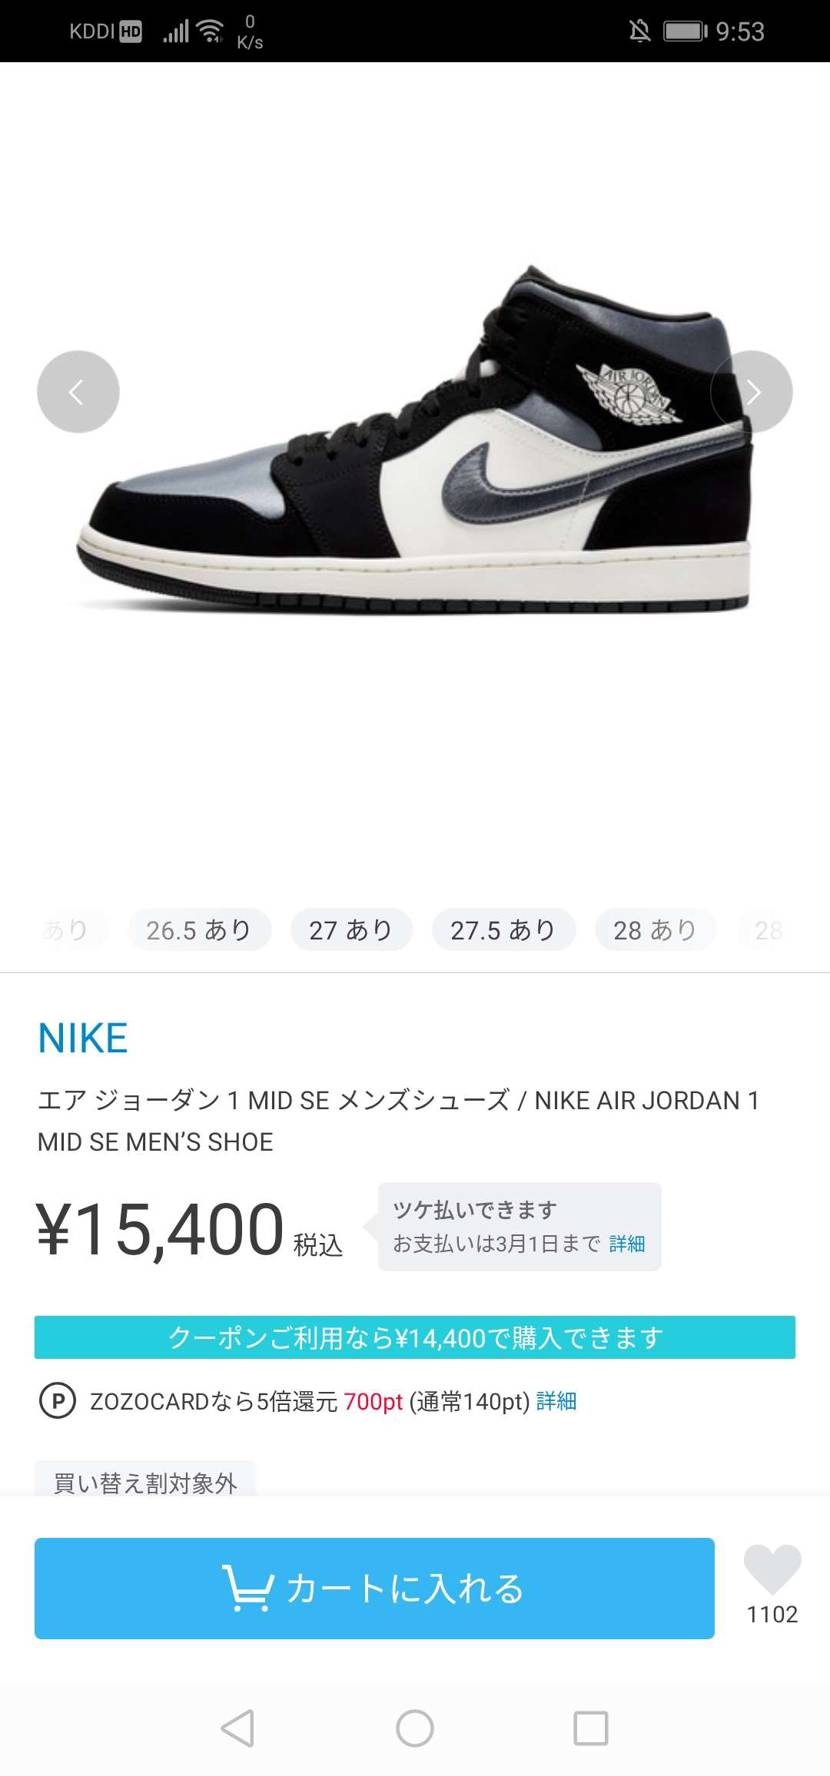 ZOZOで1000円引きで買えるようです!